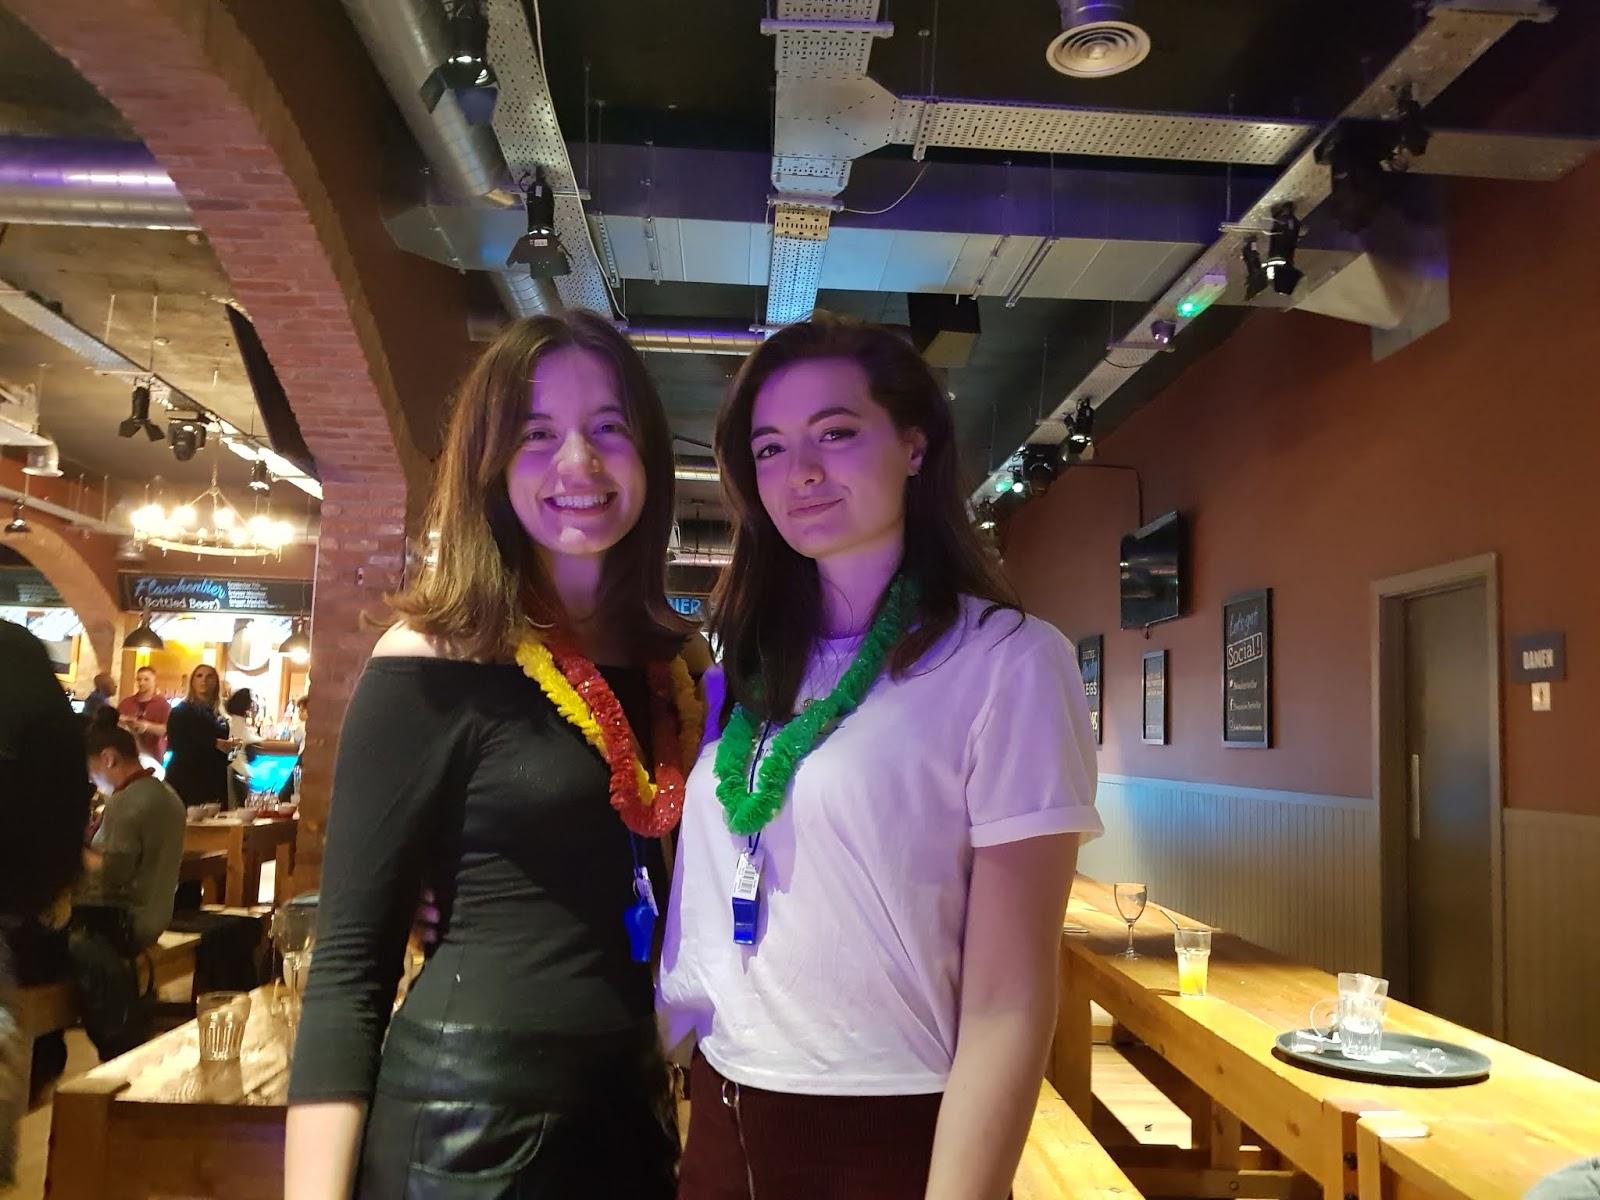 Two brunette Reggae Brunch attendees wearing leis